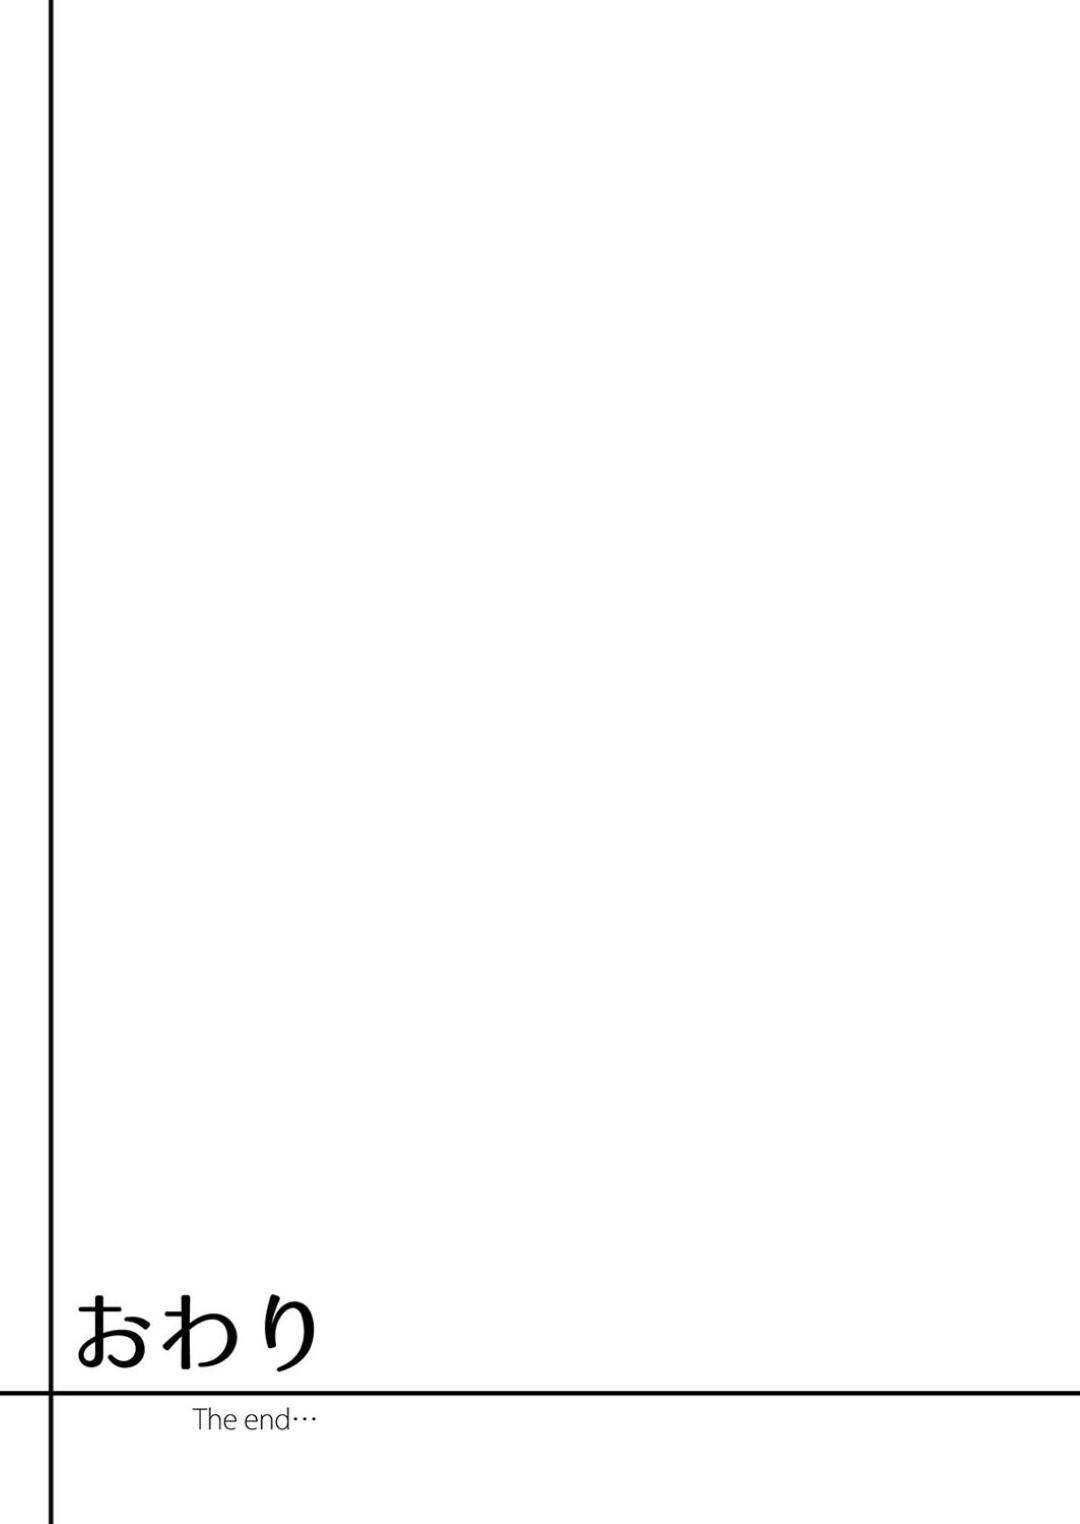 【エロ漫画】公園で義姉のオナニーを見てしまった弟…そのまま公園で義姉と中出しセックスをしてから何度も関係を持つことに【鋼鉄:一度だけならバレないよ?兄嫁と深夜の公園で泥酔SEX】